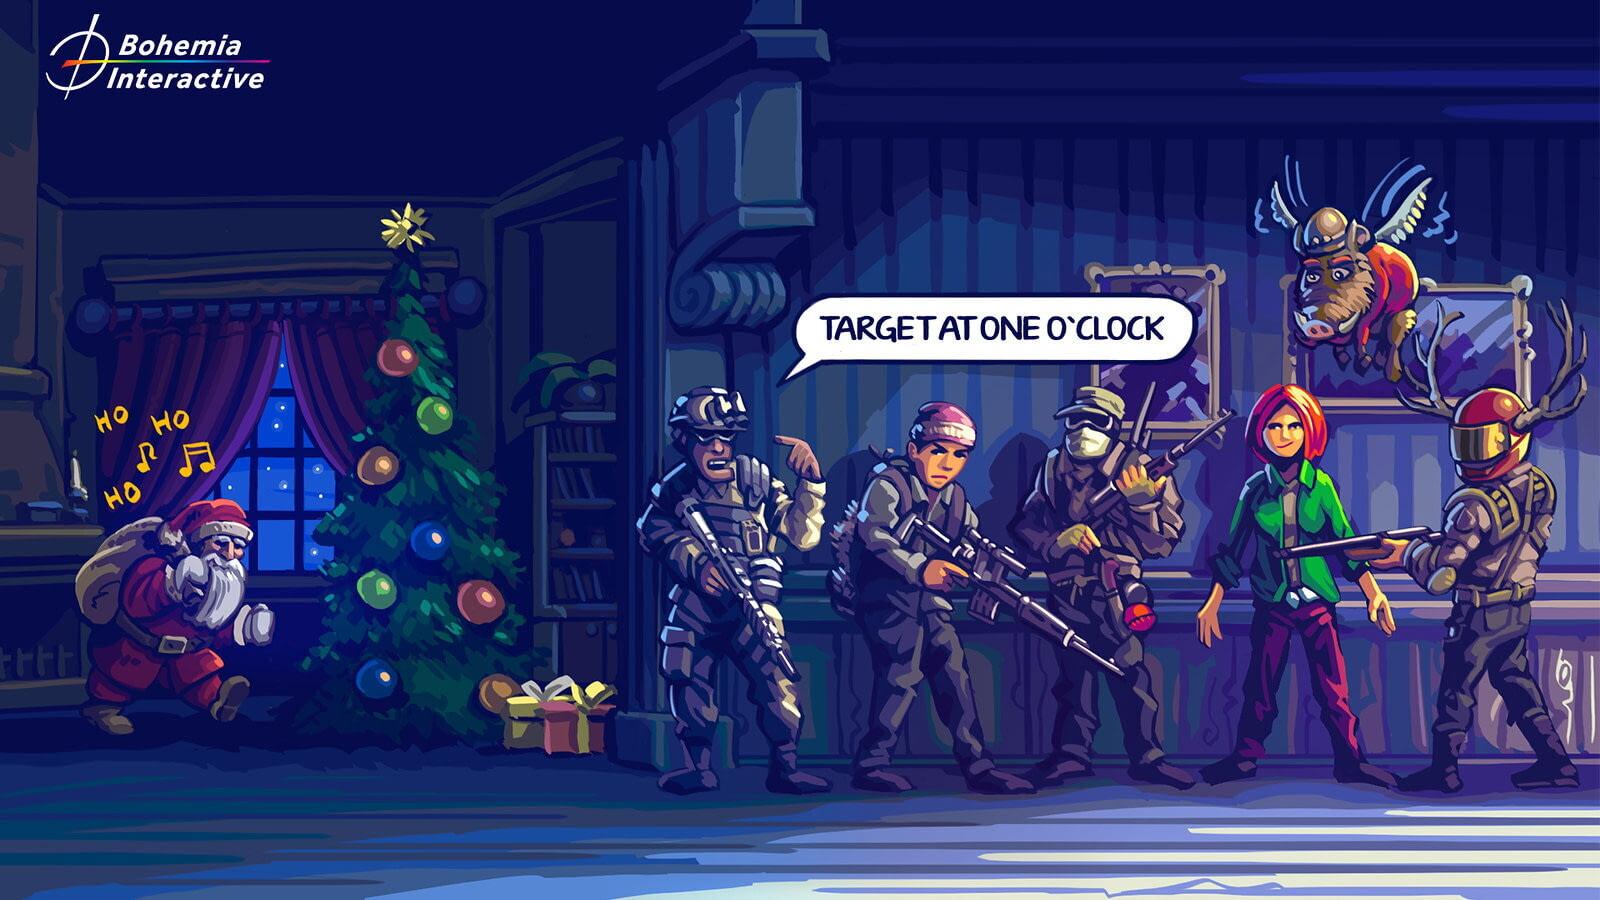 Разработчики поздравляют игроков с Рождеством — собрали праздничные открытки 15